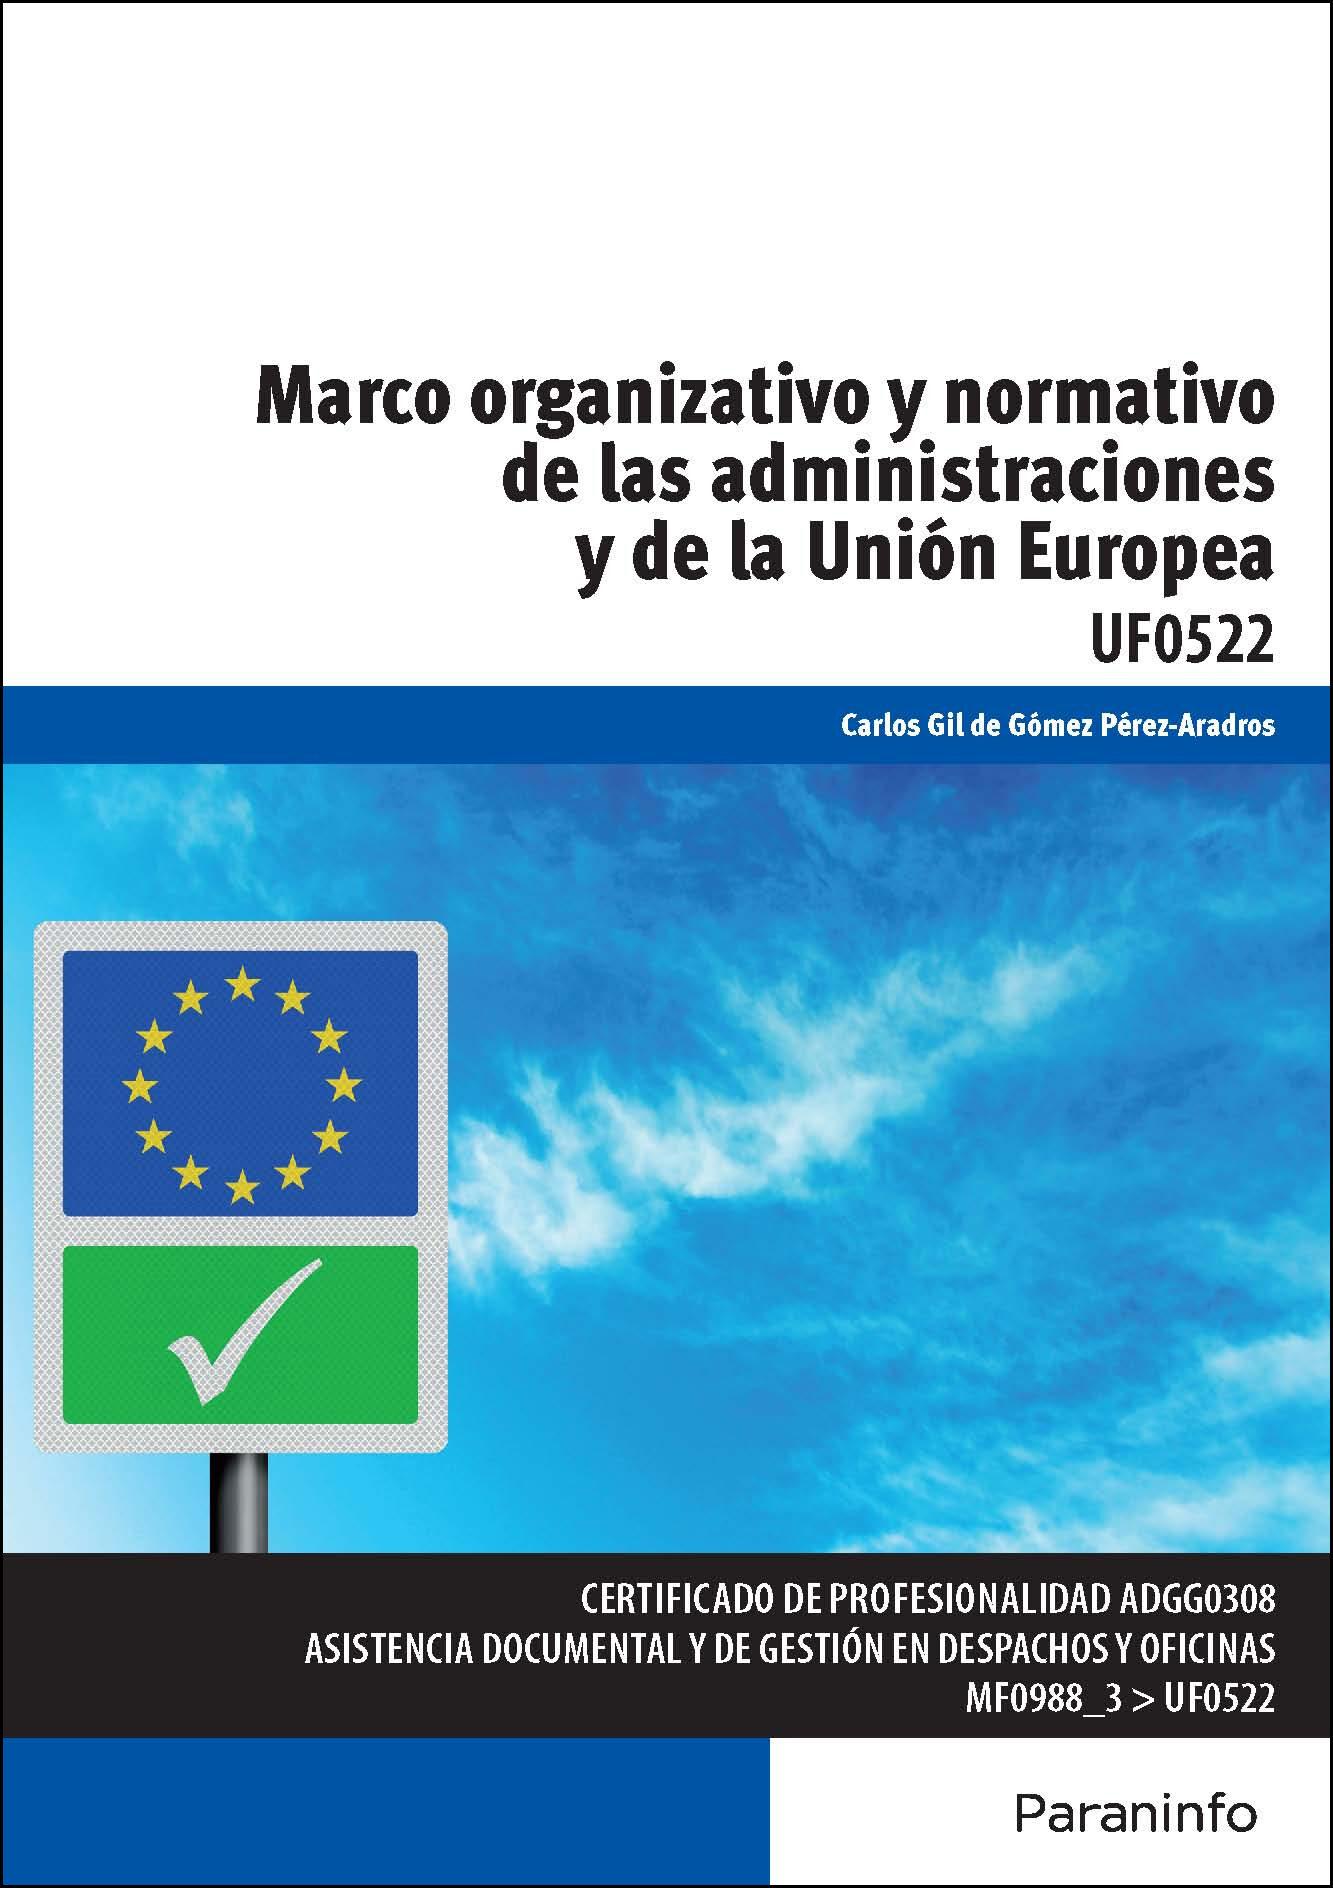 uf0522 - marco organizativo y normativo de las administraciones p úblicas y de la unión europea-carlos gil de gomez perez-aradros-9788428398961